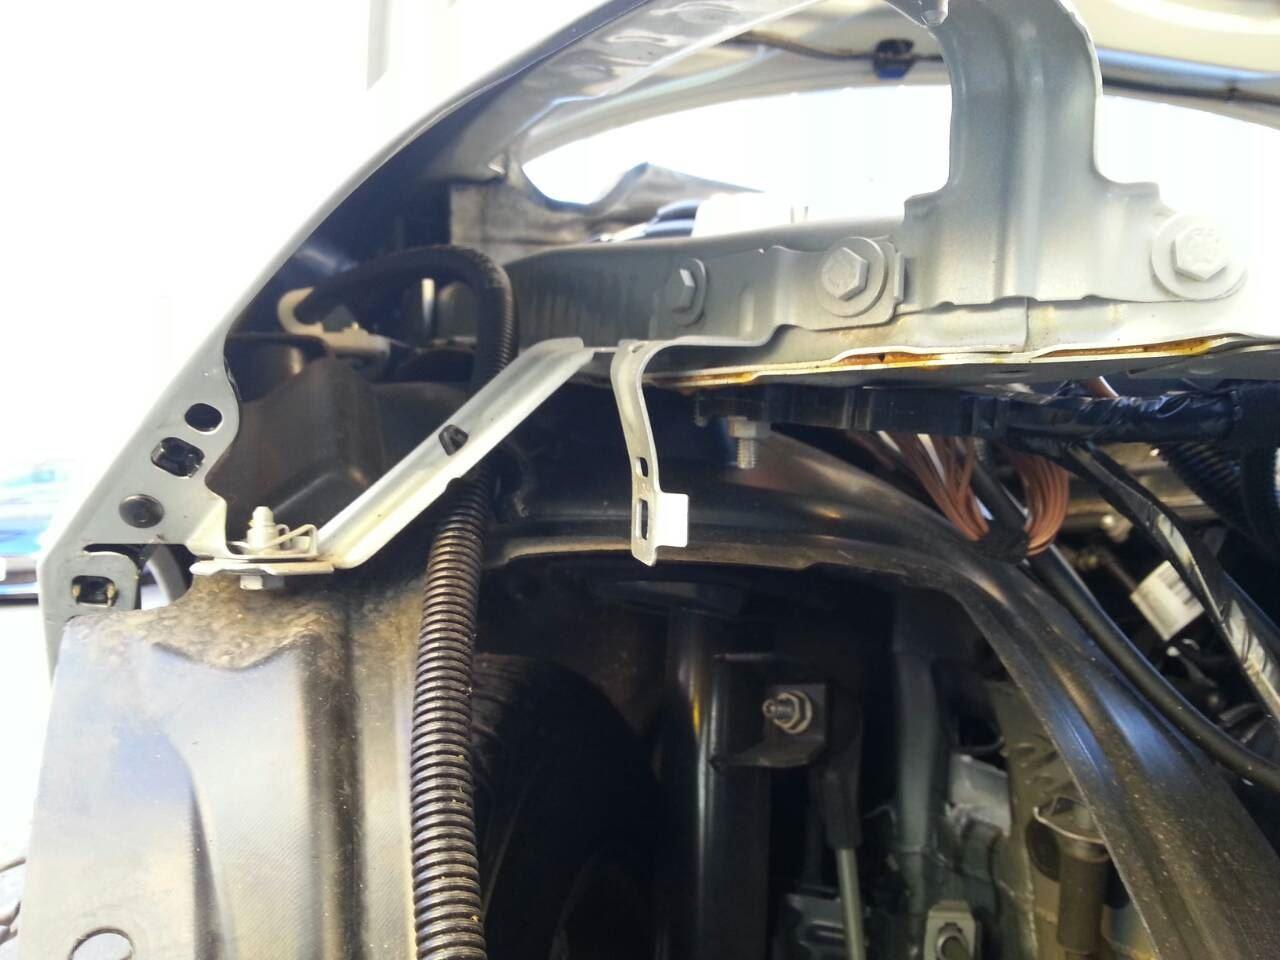 東京都立川市の車の板金塗装修理工場 ガレージローライドのBMW 116i の右前部キズ へこみ の板金 修理 塗装 です。